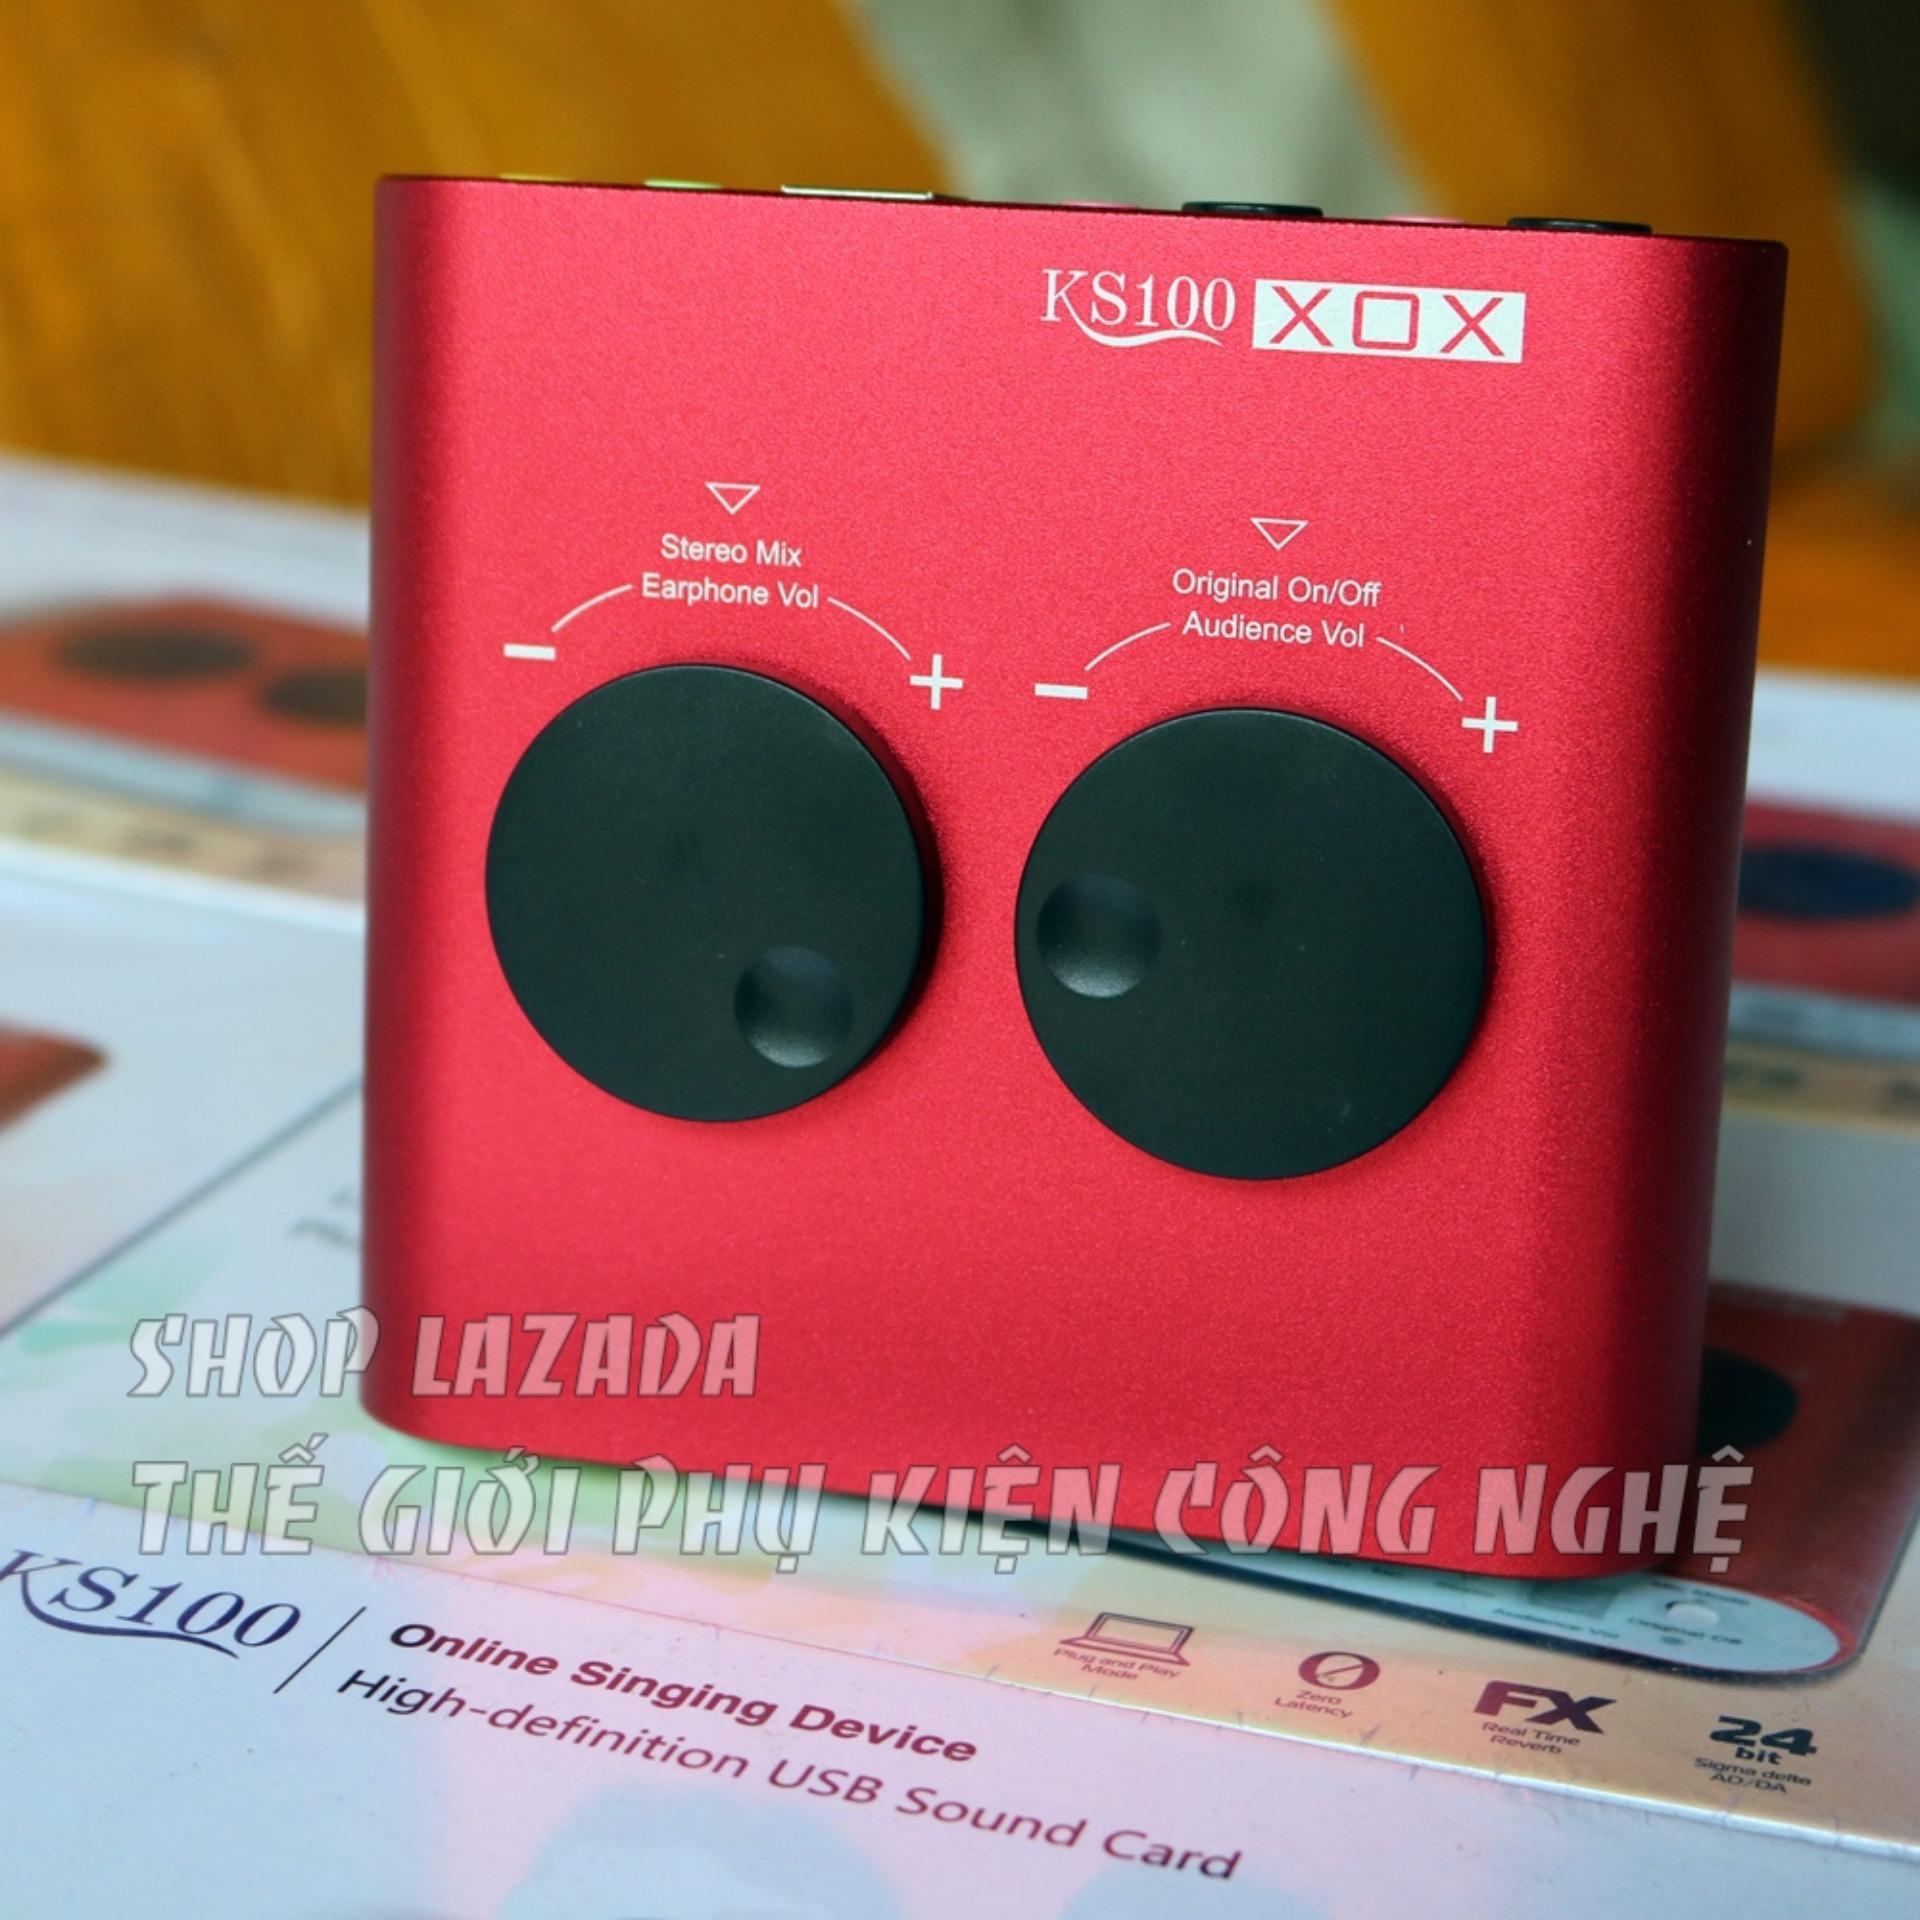 Chỗ nào bán soundcard xox ks100 bản Tiếng Anh karaoke online – livestream